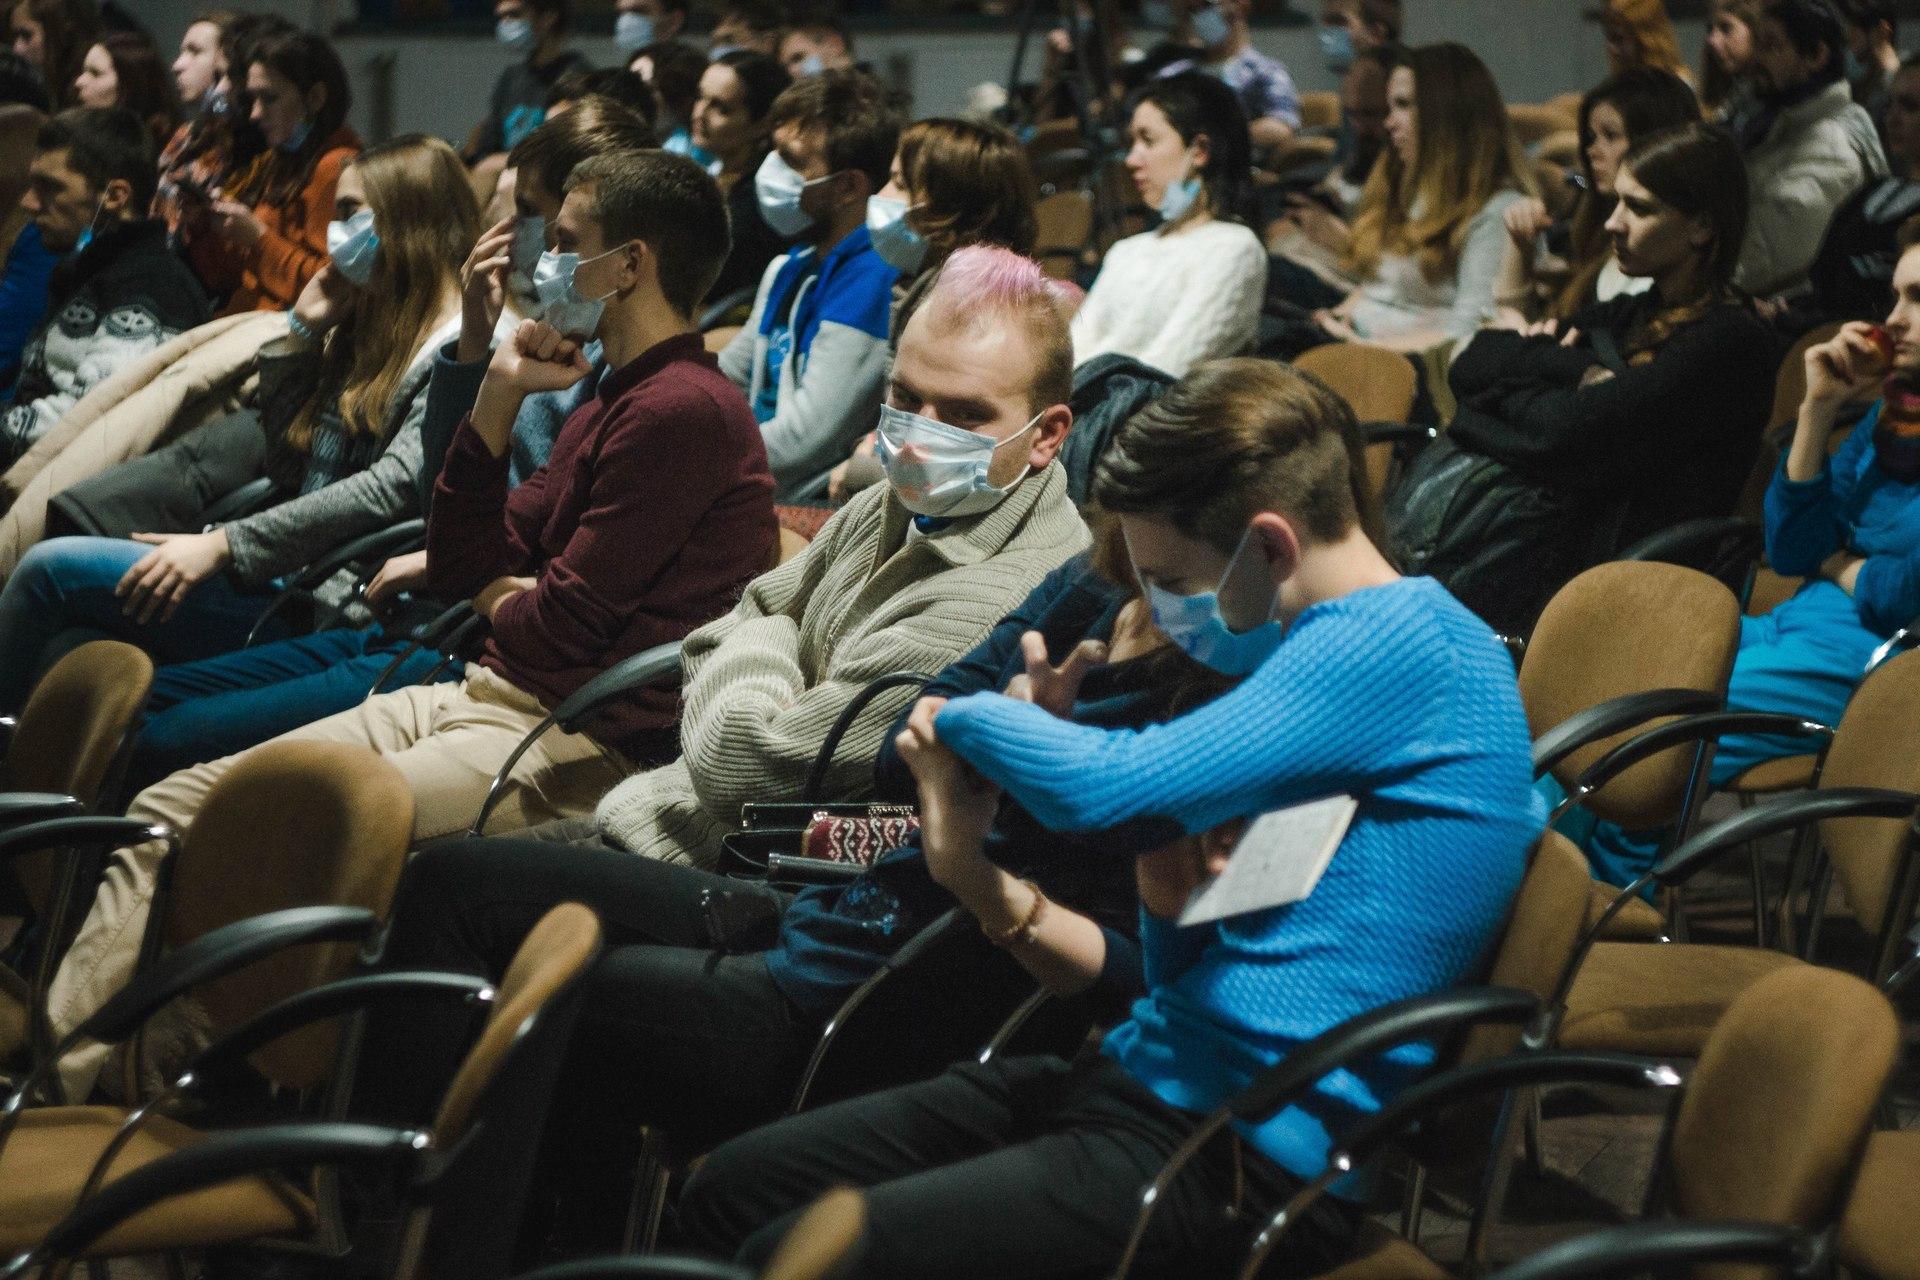 Слушатели на одной из зимних лекций в Харькове, на многих надеты медицинские маски.